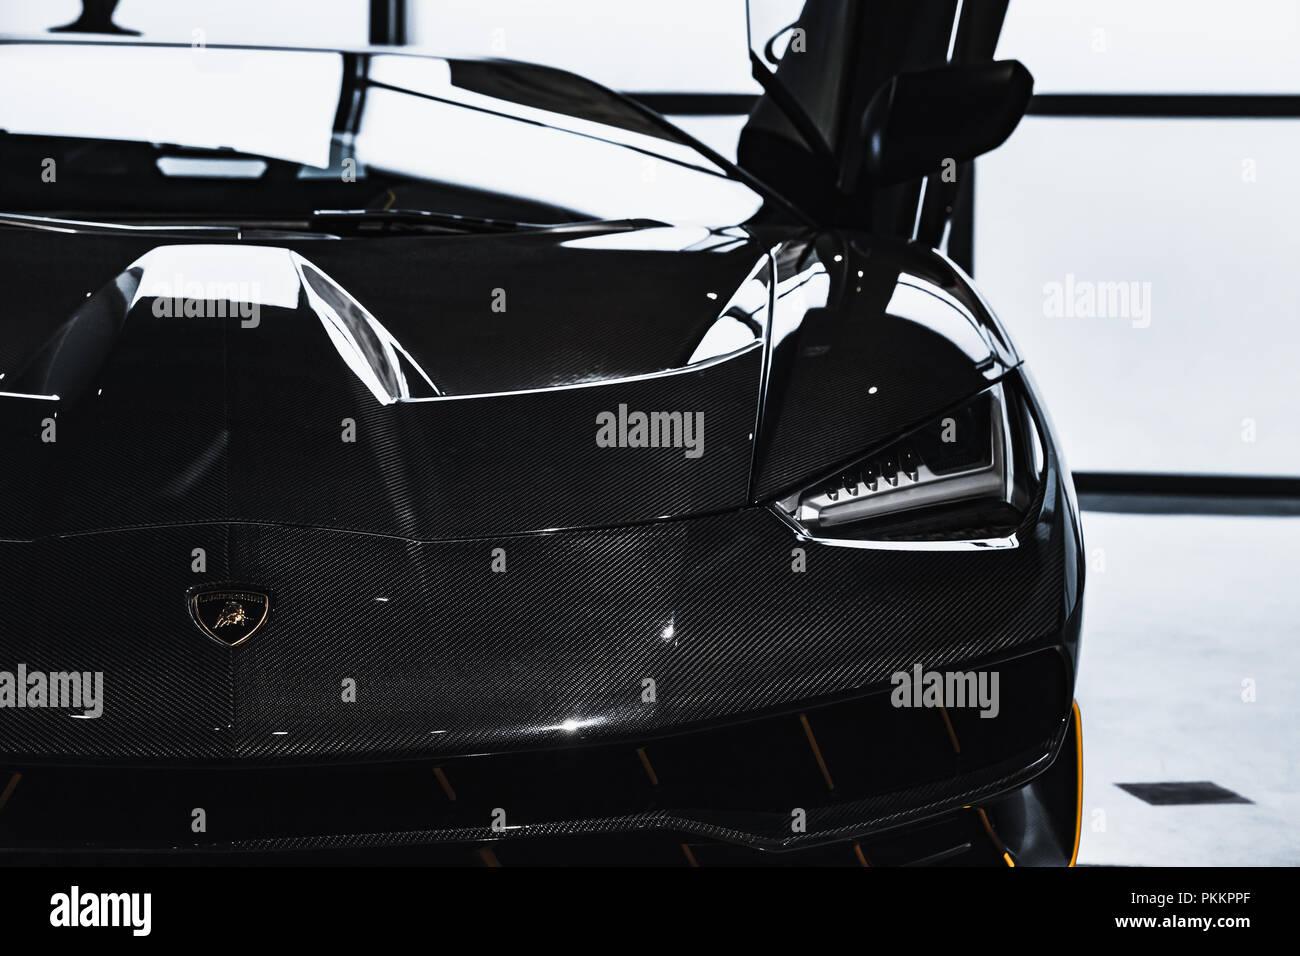 St Petersburg Russia November 6 2017 Shiny Black Lamborghini